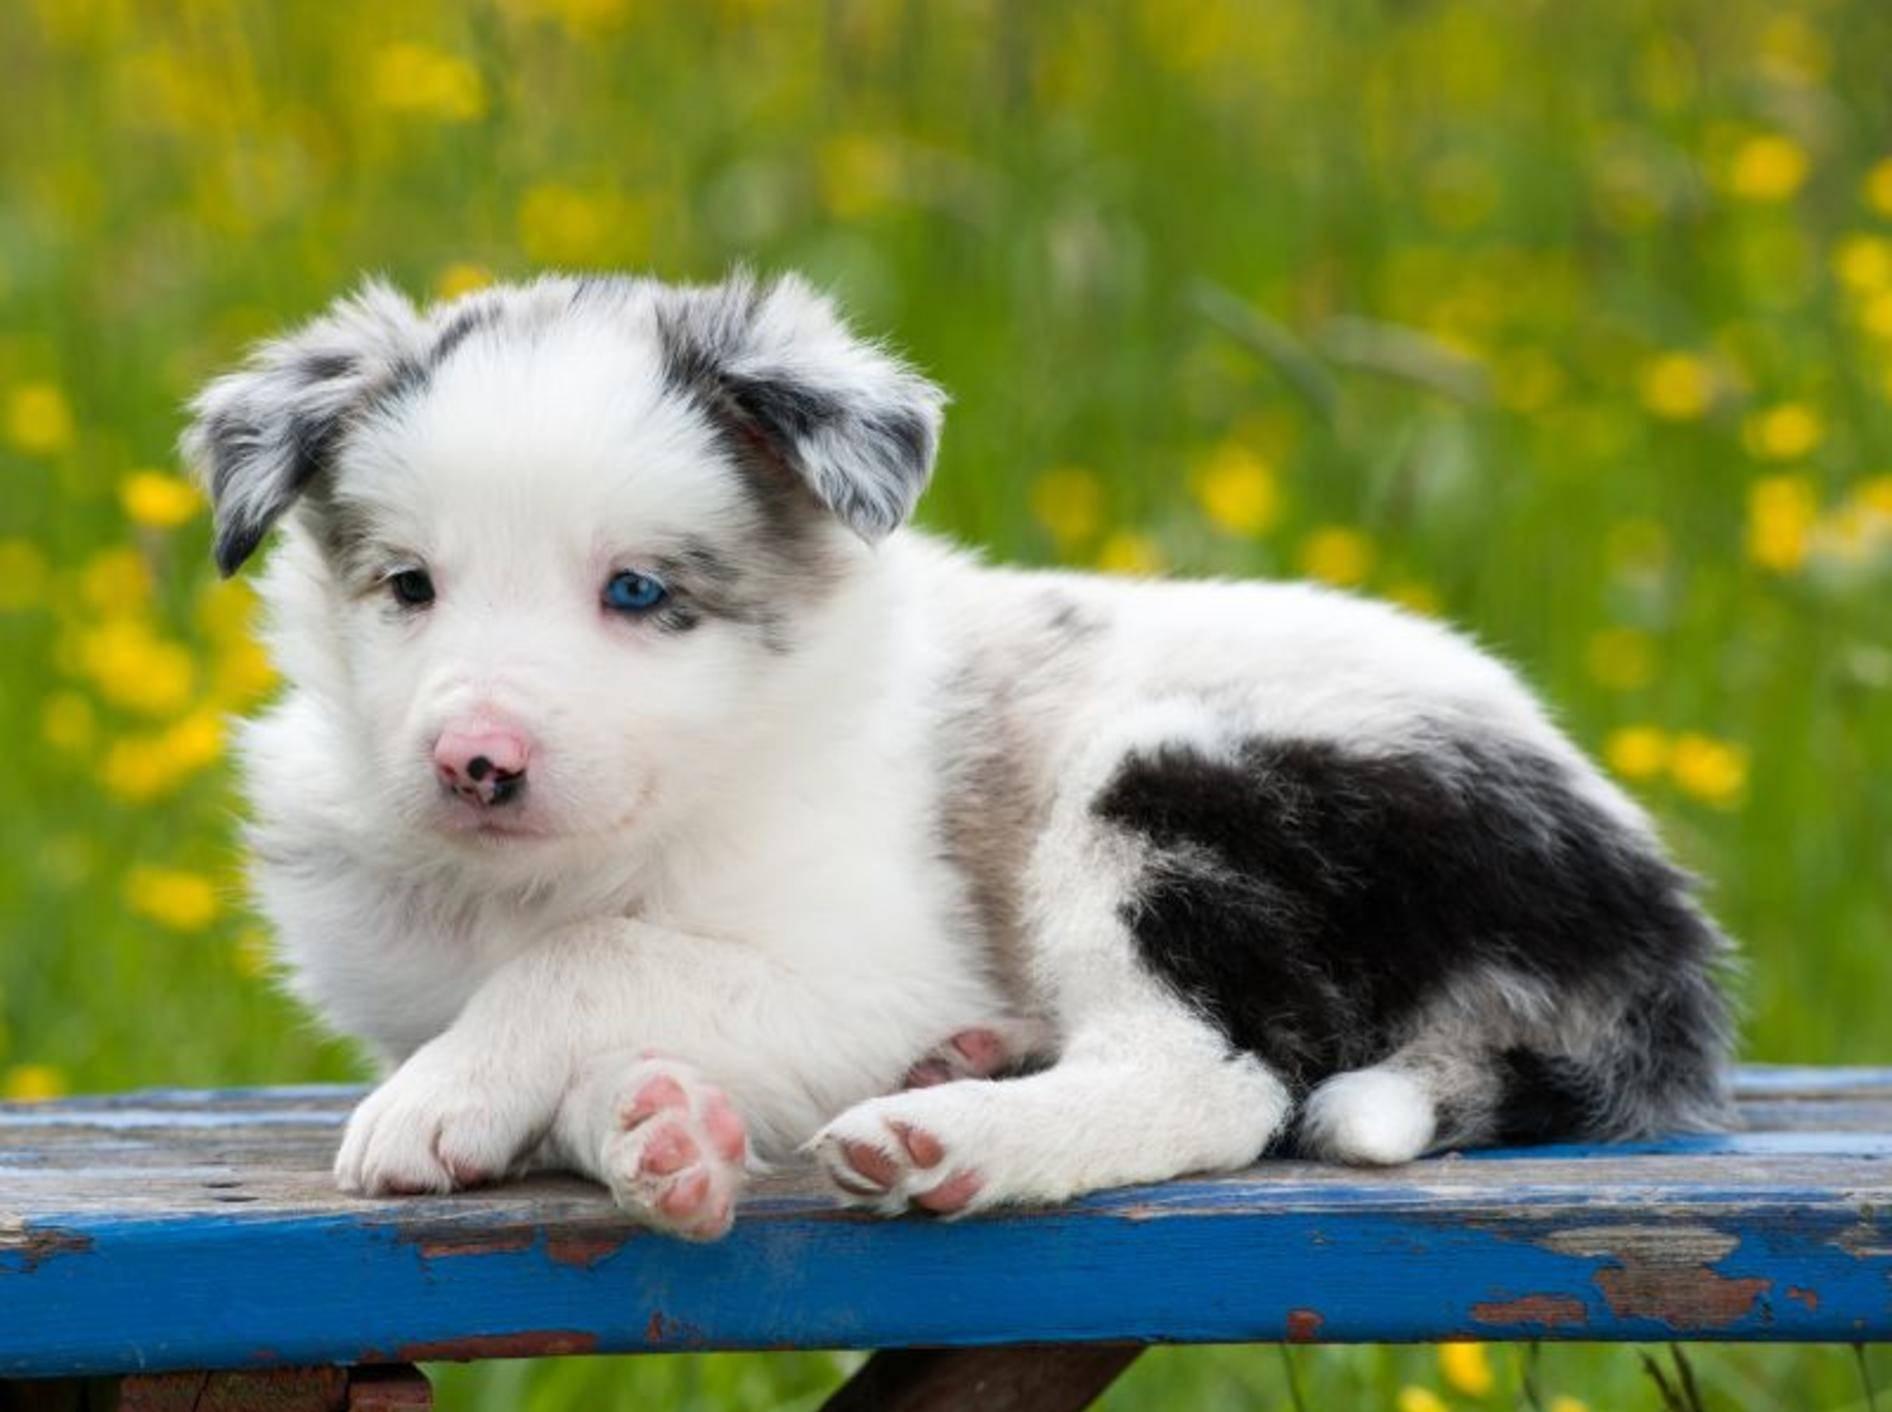 Kleine Pfötchen, blaue Augen, süßer Hundeblick: An diesem Border-Collie-Welpen ist einfach alles süß! – Bild: Shutterstock / Dora Zett